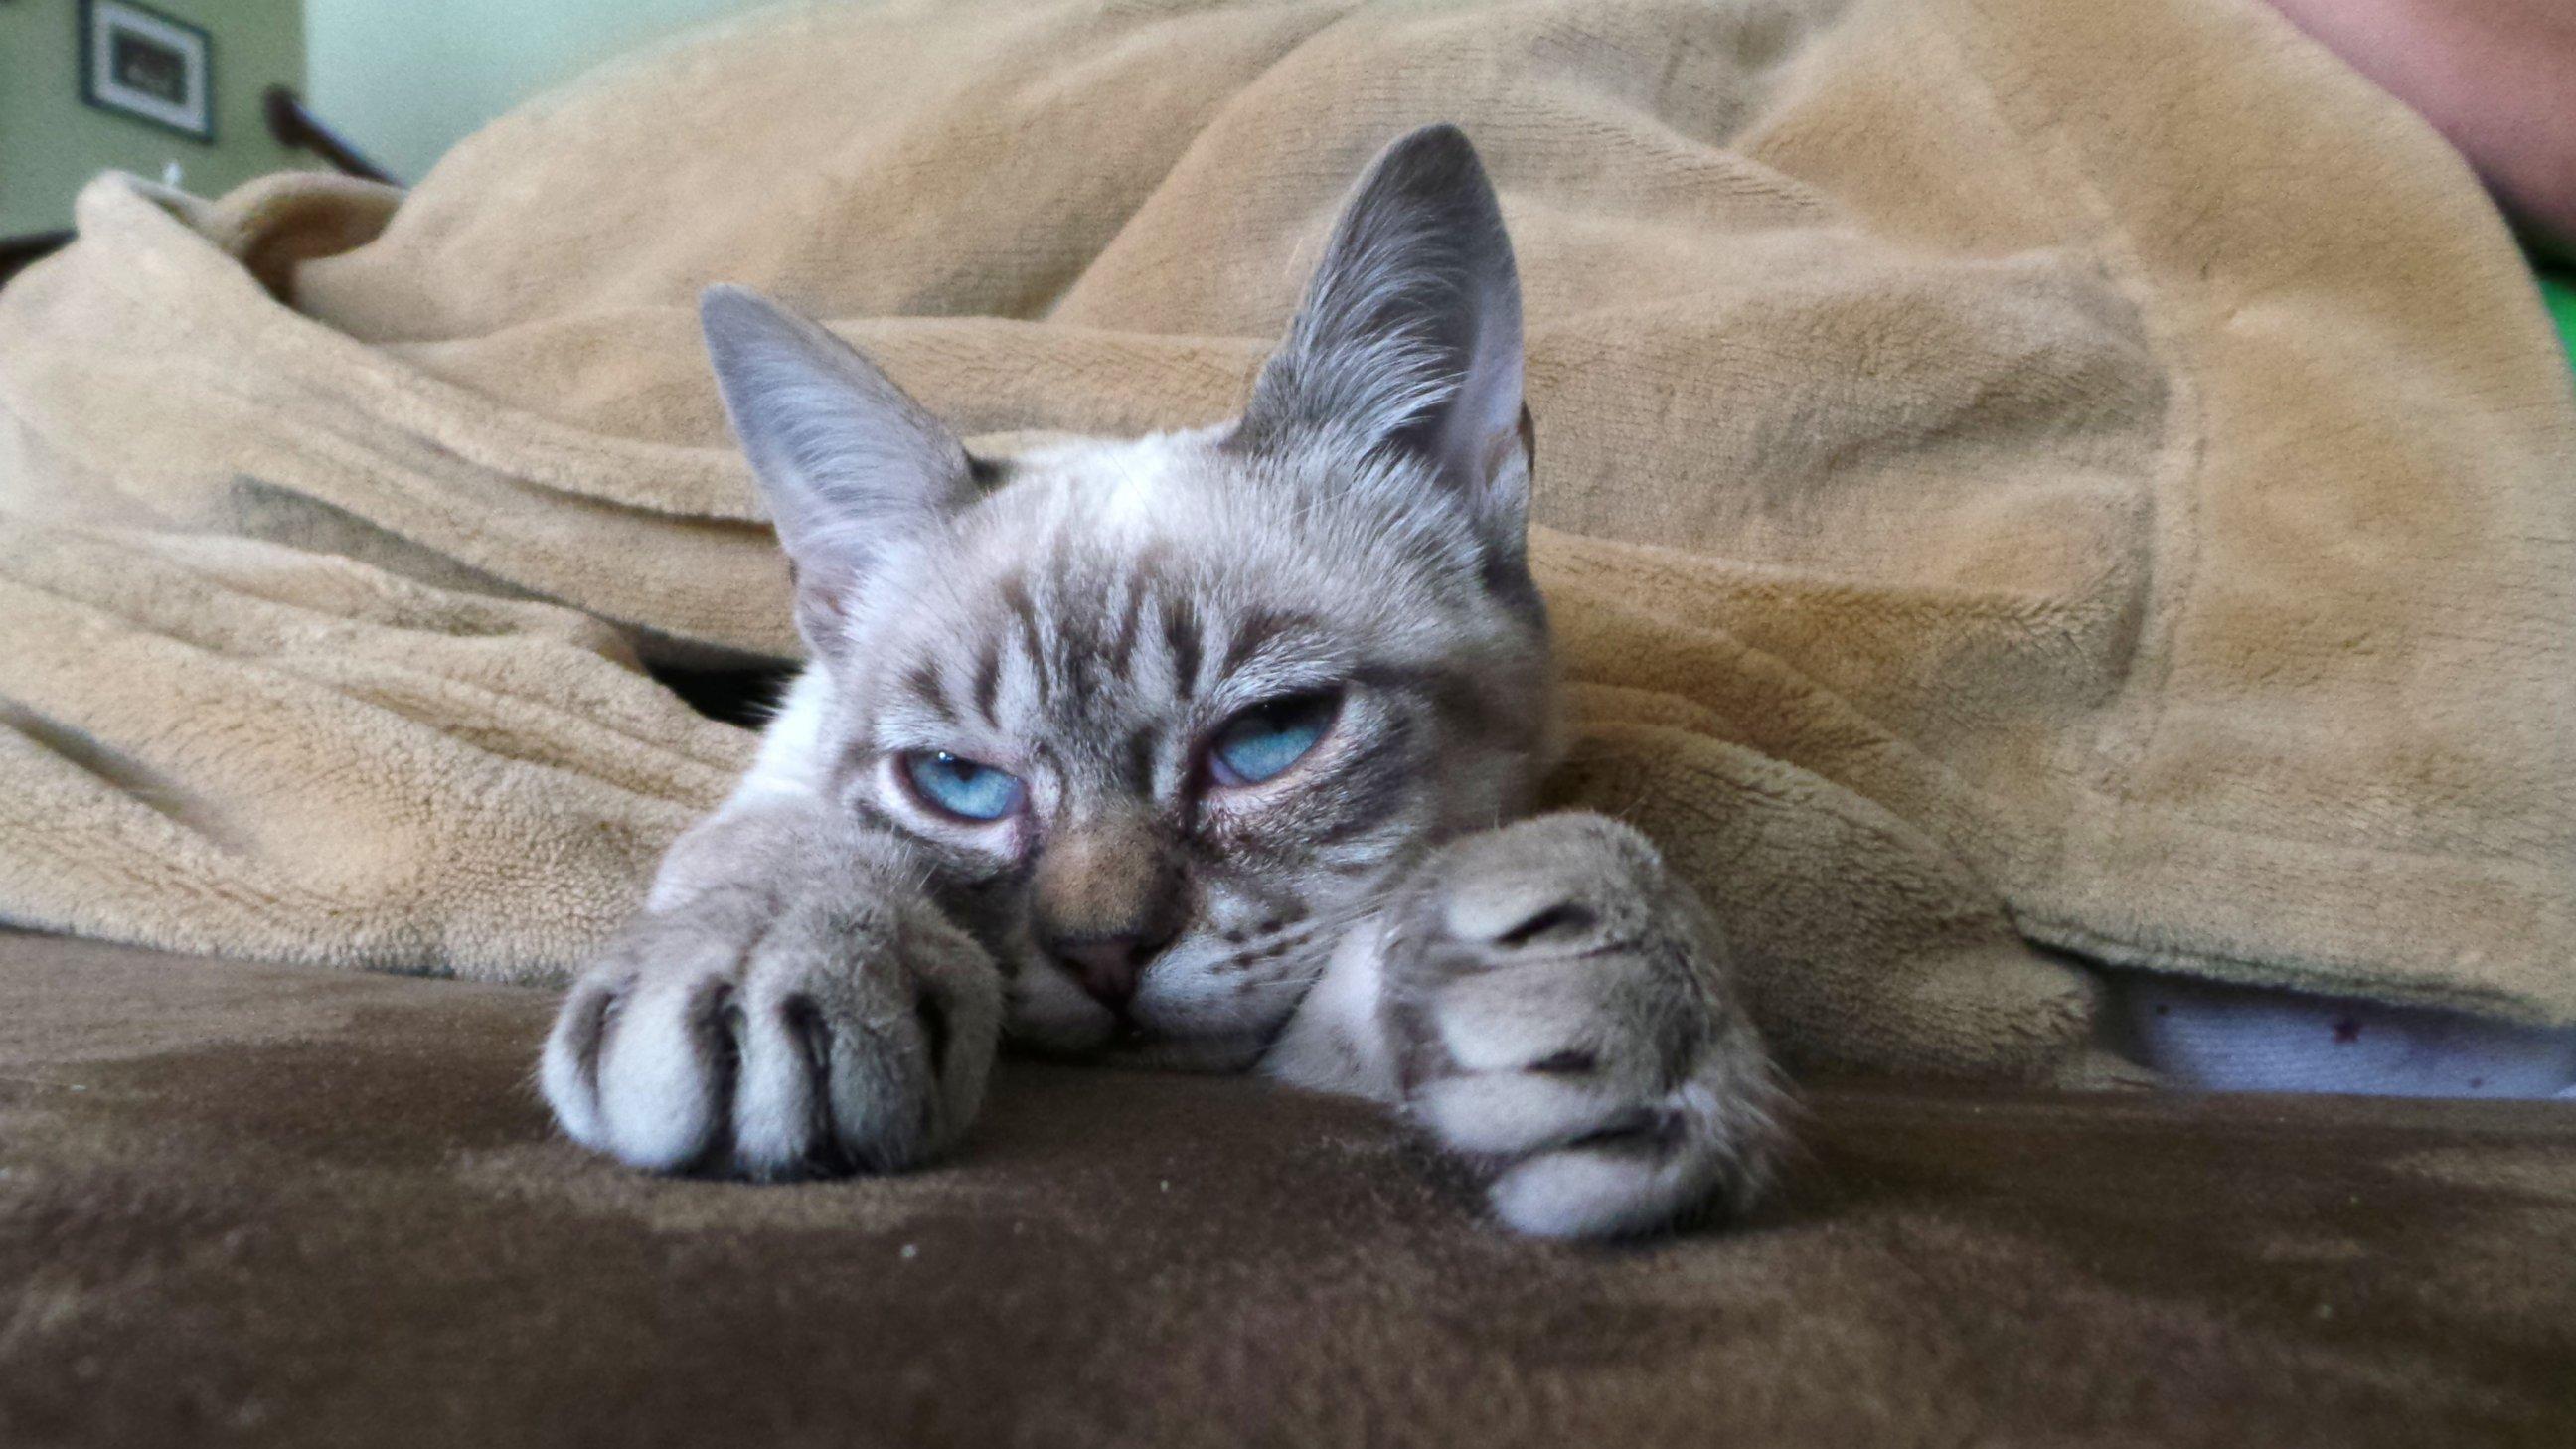 Meet Sauerkraut, the New Grumpy Cat